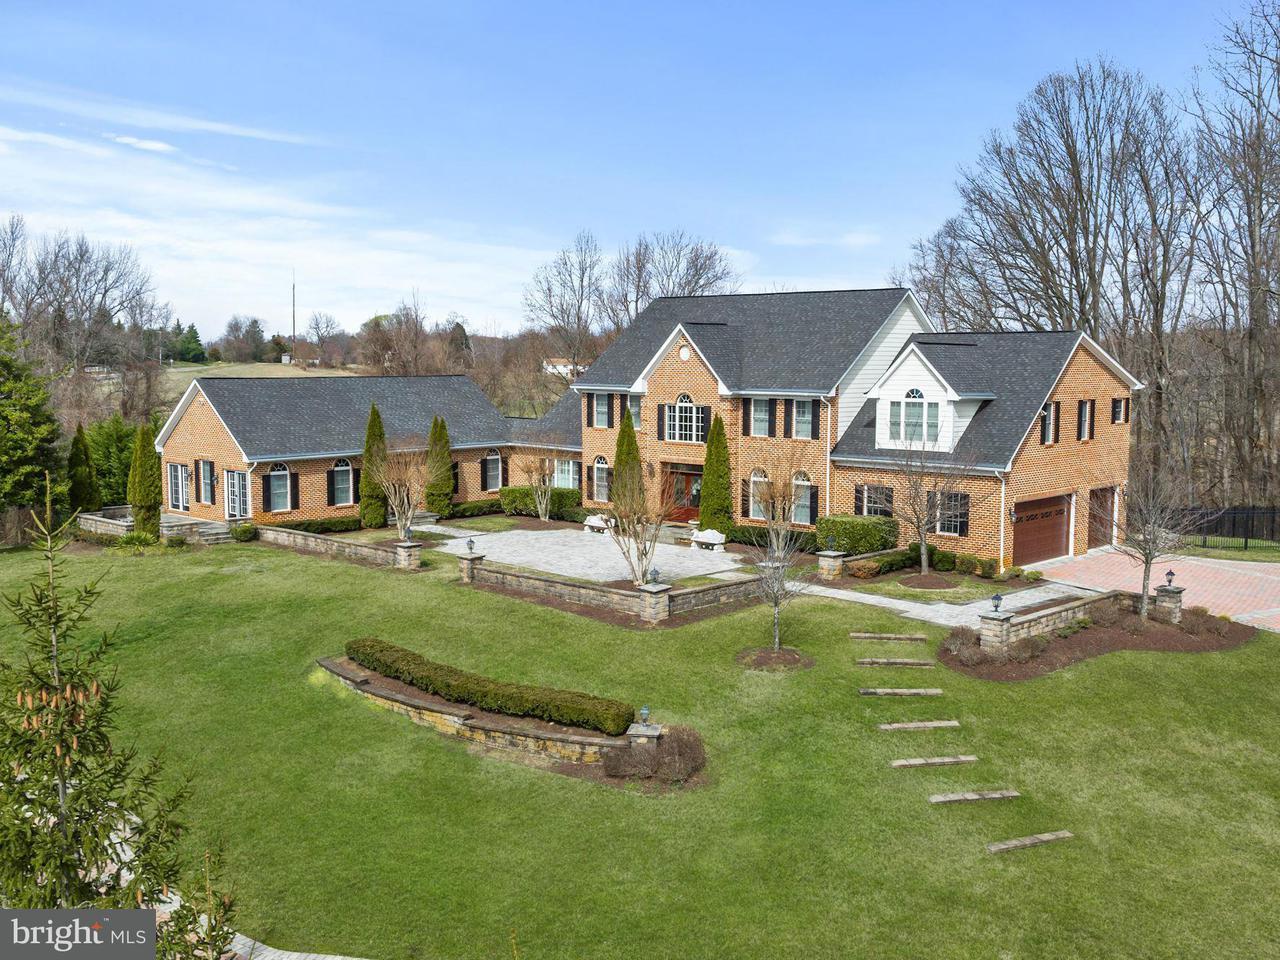 一戸建て のために 売買 アット 3587 Birdsville Road 3587 Birdsville Road Davidsonville, メリーランド 21035 アメリカ合衆国